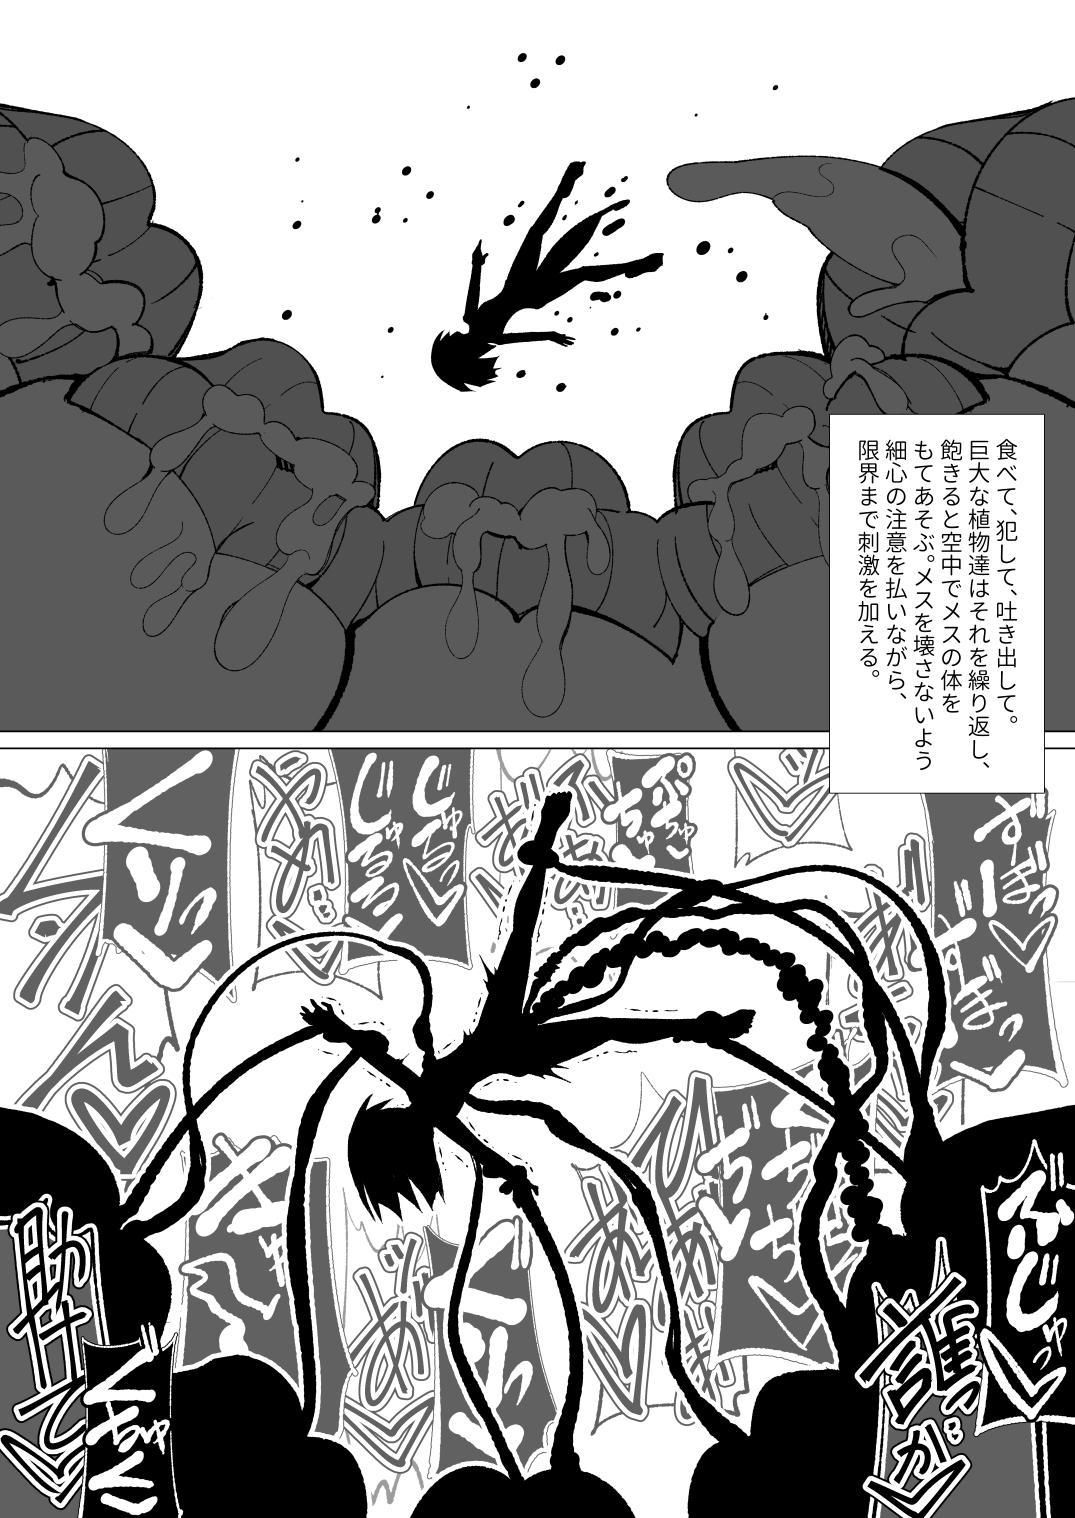 Ishu kan fūzoku-gai3 shokubutsu shokushu × rori 90